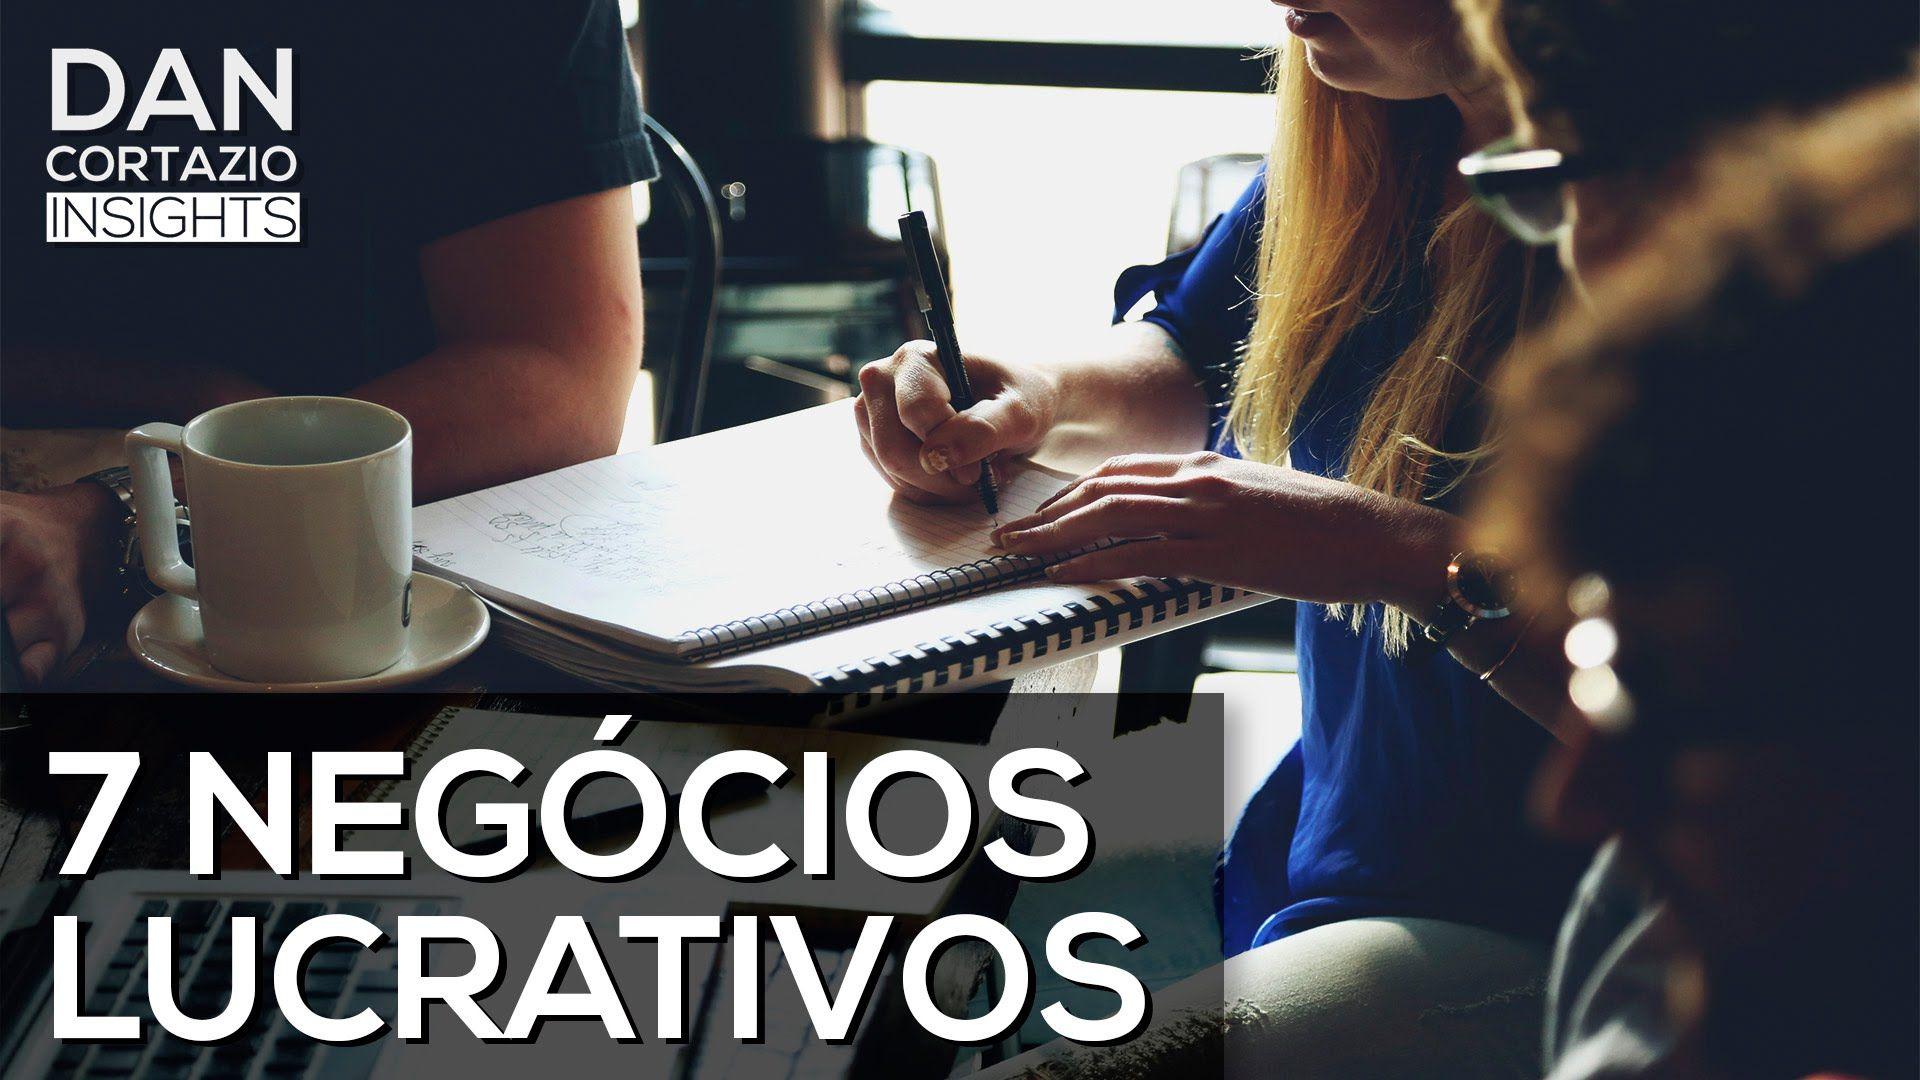 7 NEGÓCIOS LUCRATIVOS com POUCO Investimento (+ Bônus)